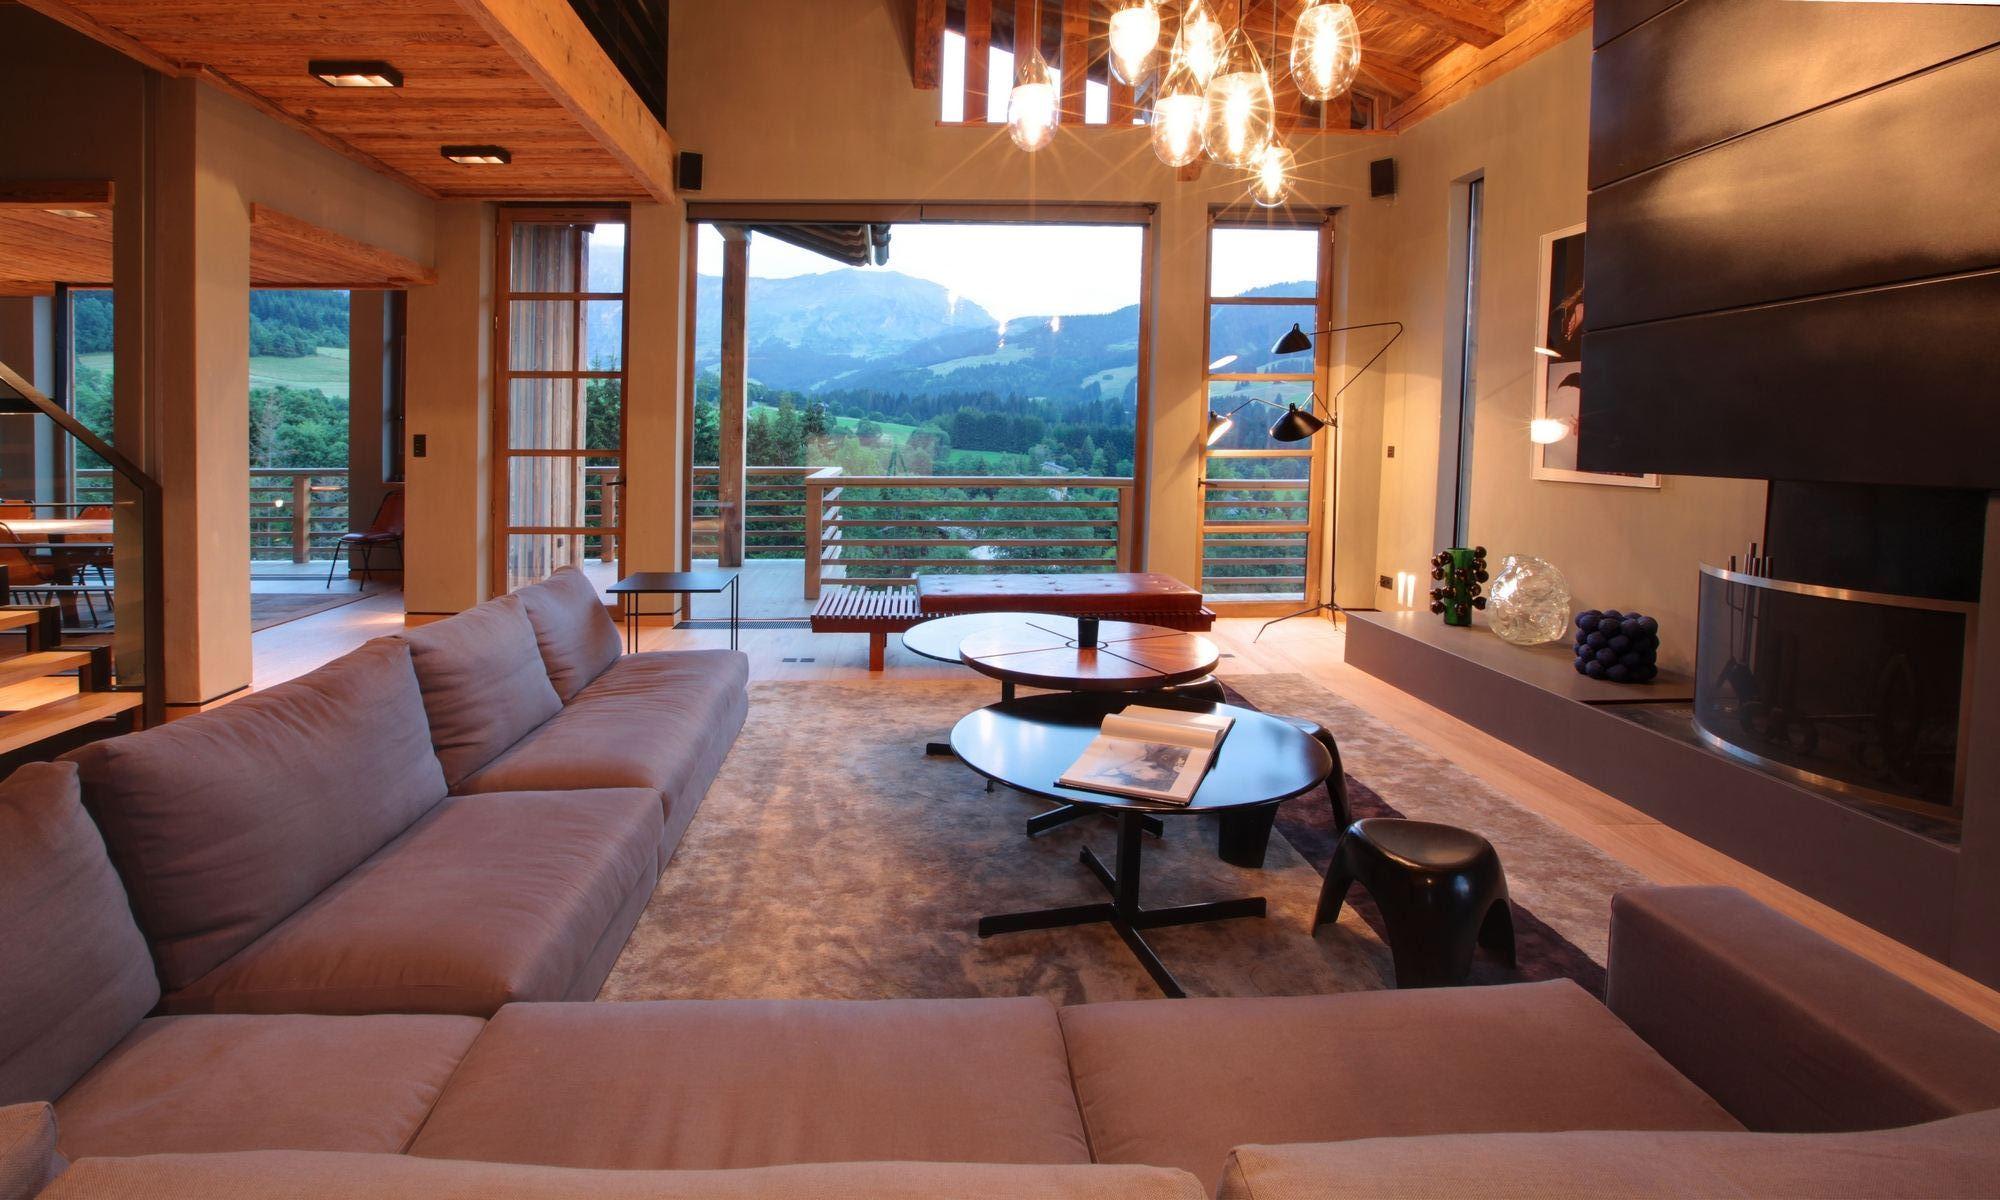 Property For Sale at Megève Mont d'Arbois Chalet Ciel